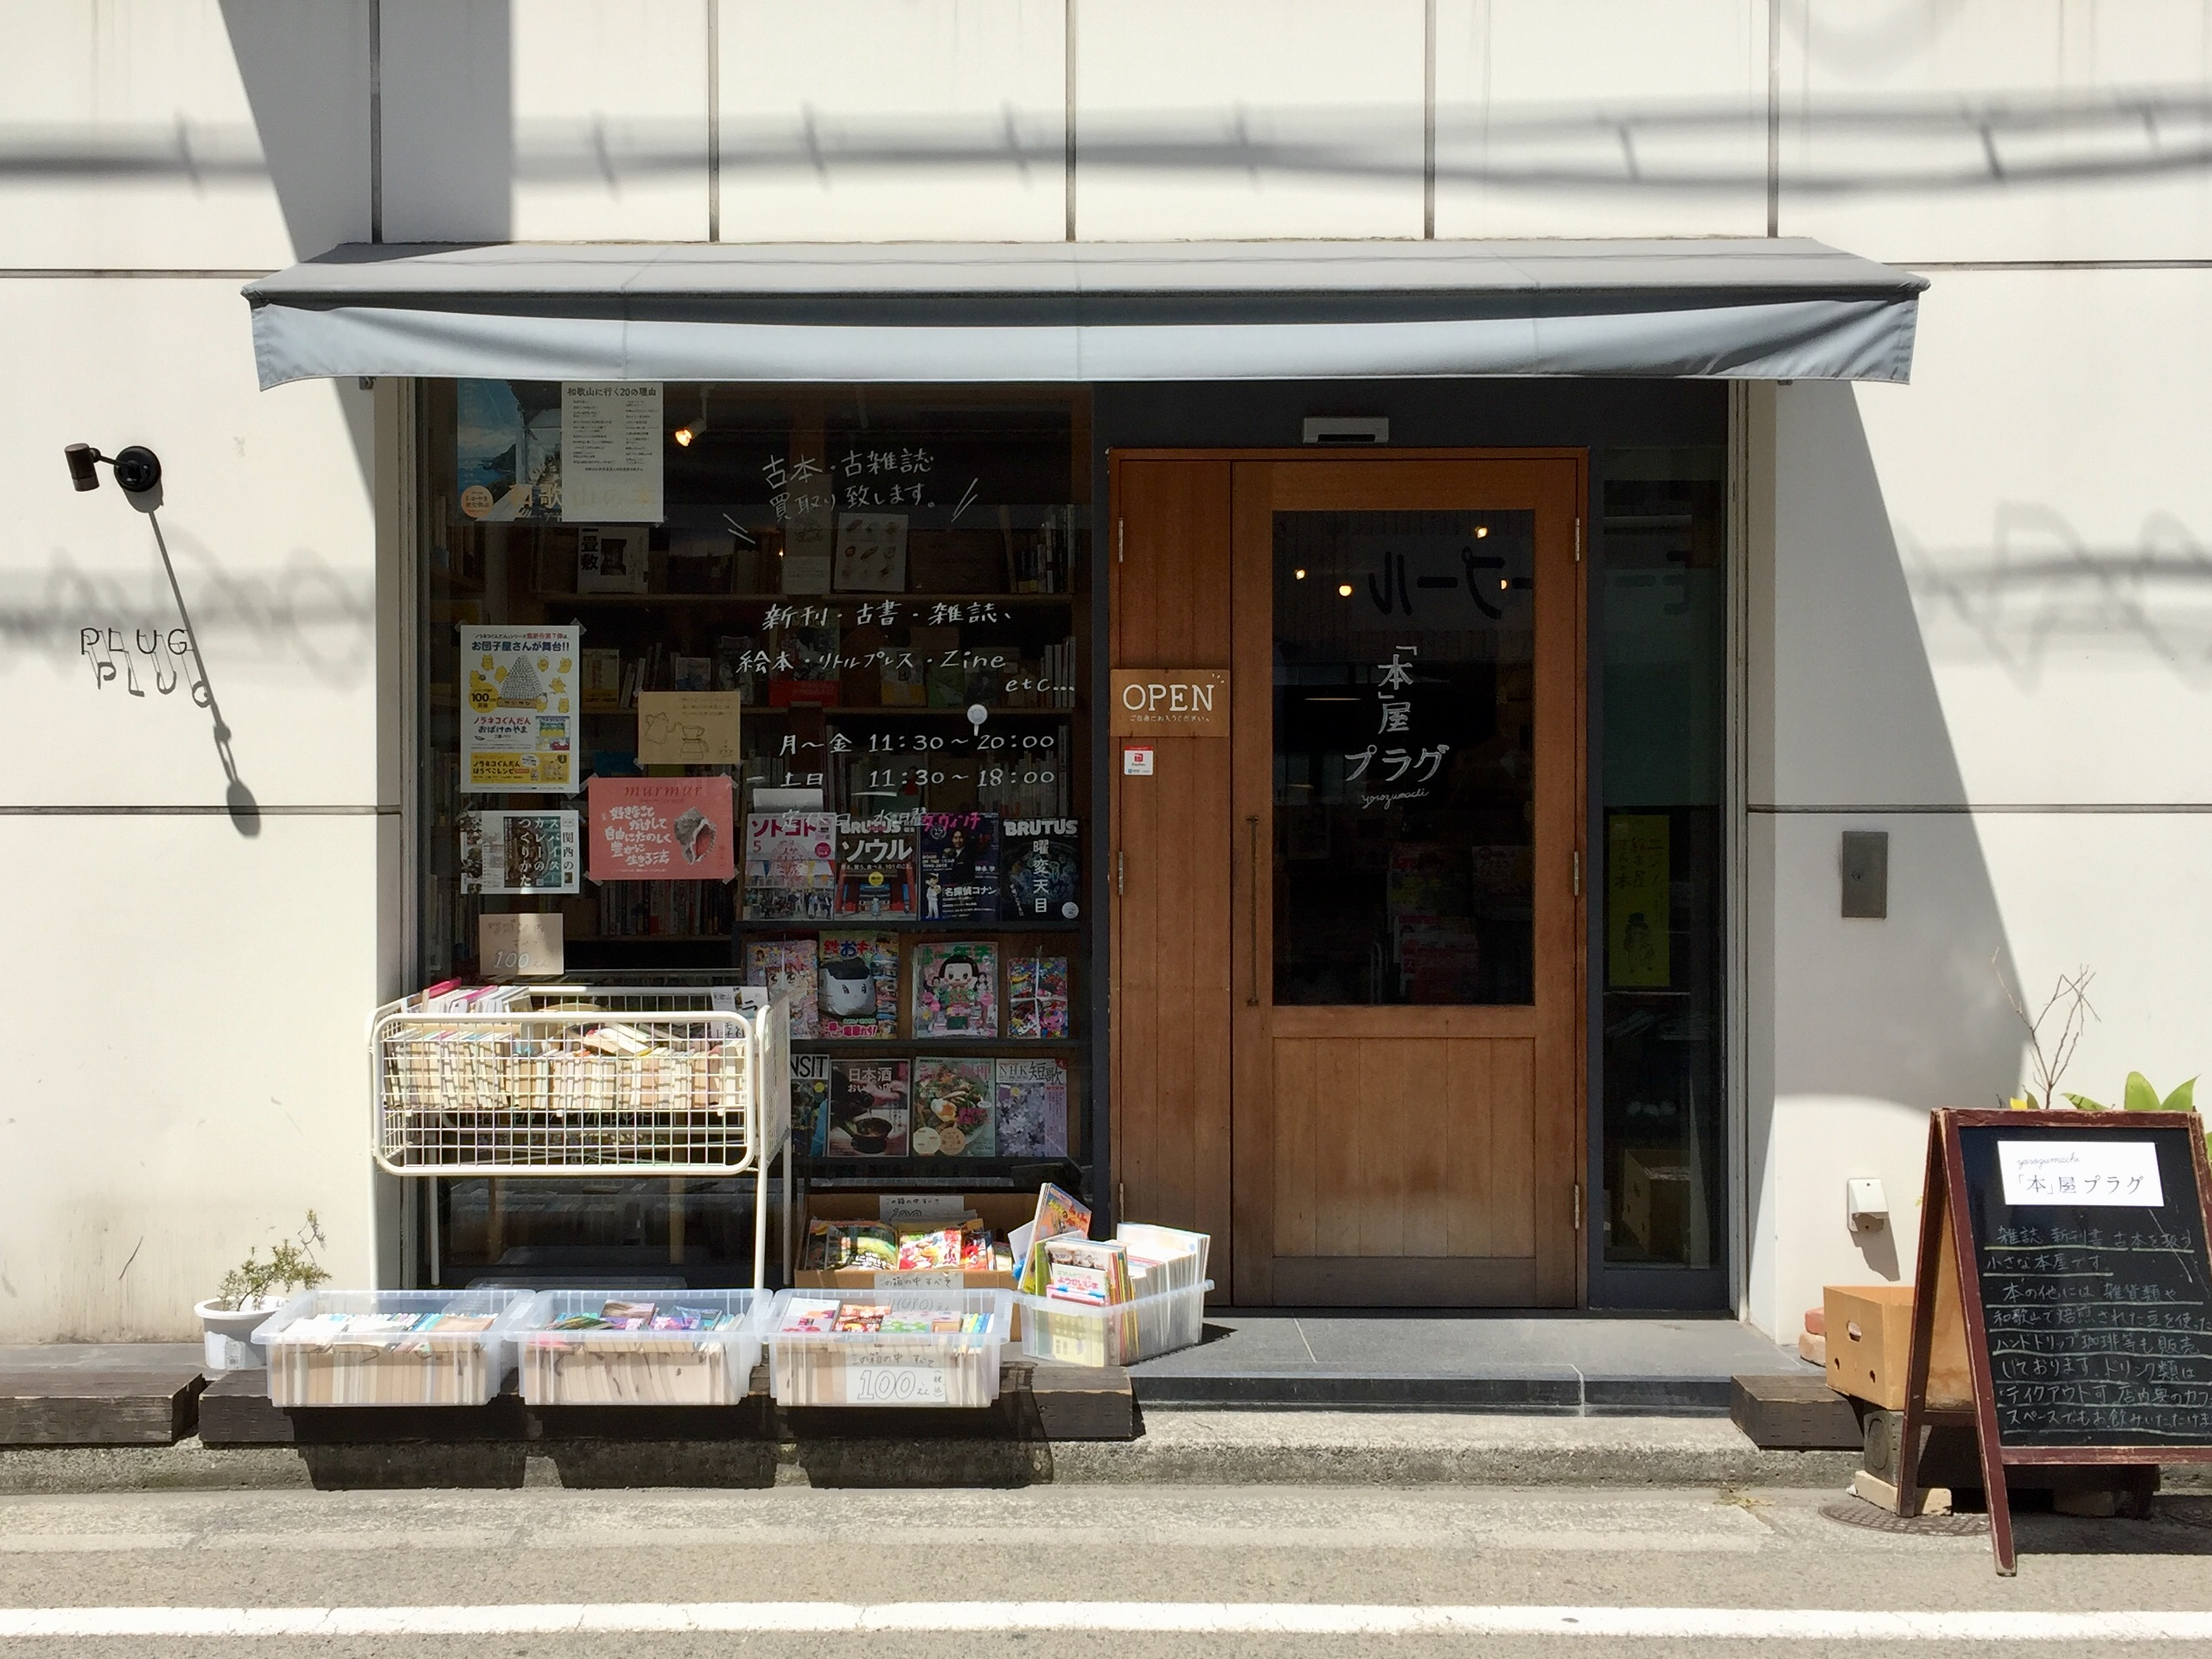 新刊古書 | 本屋プラグ | 和歌山